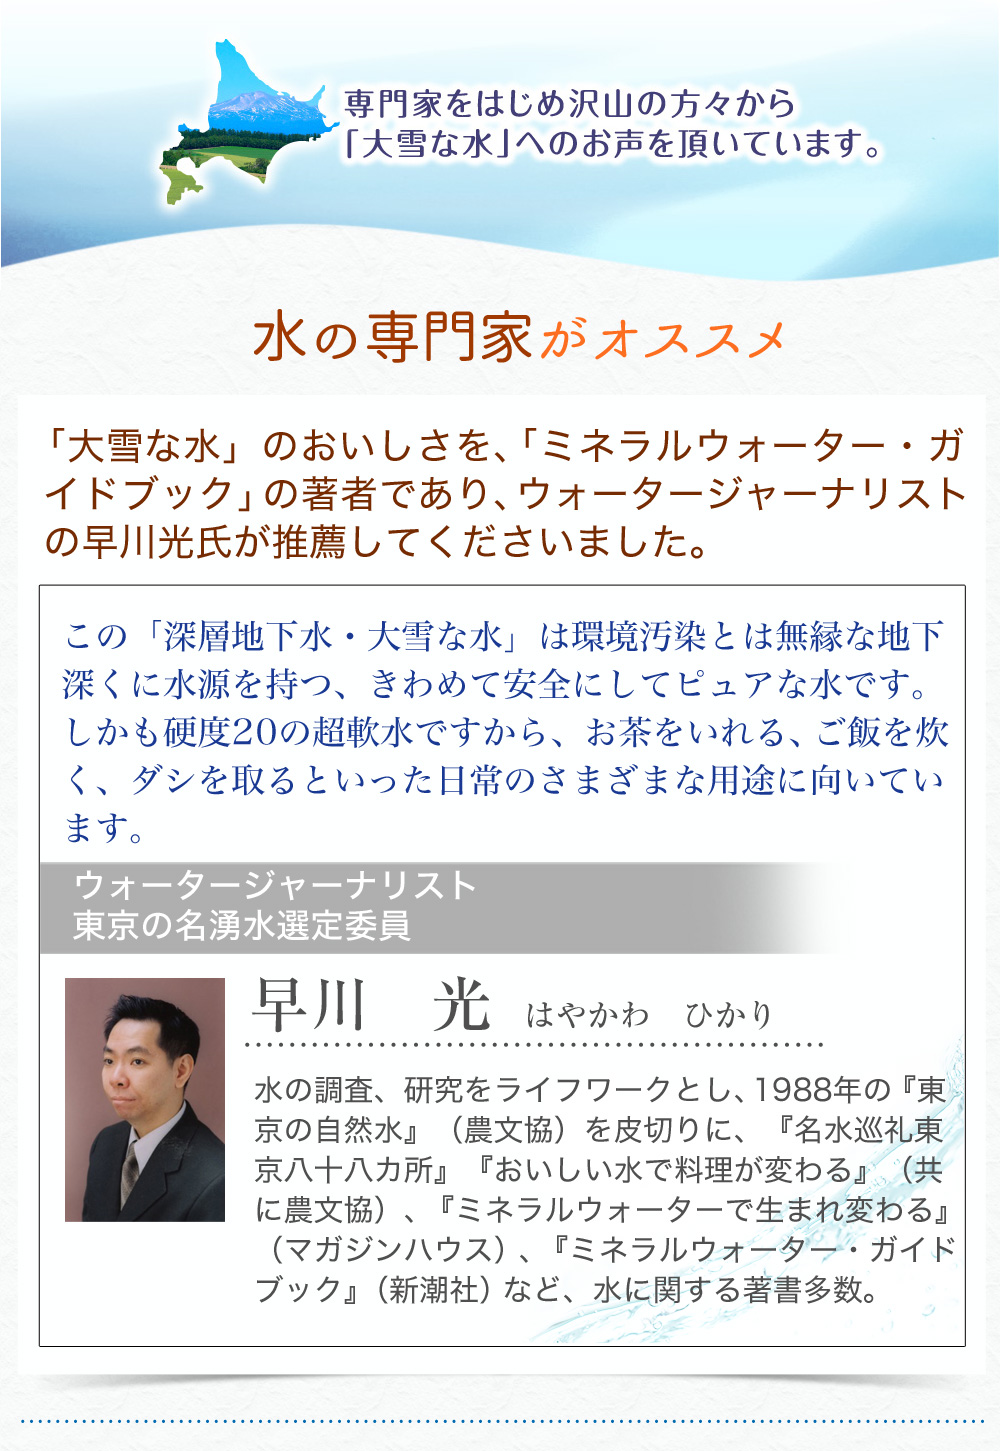 水の専門家「早川 光」がオススメ